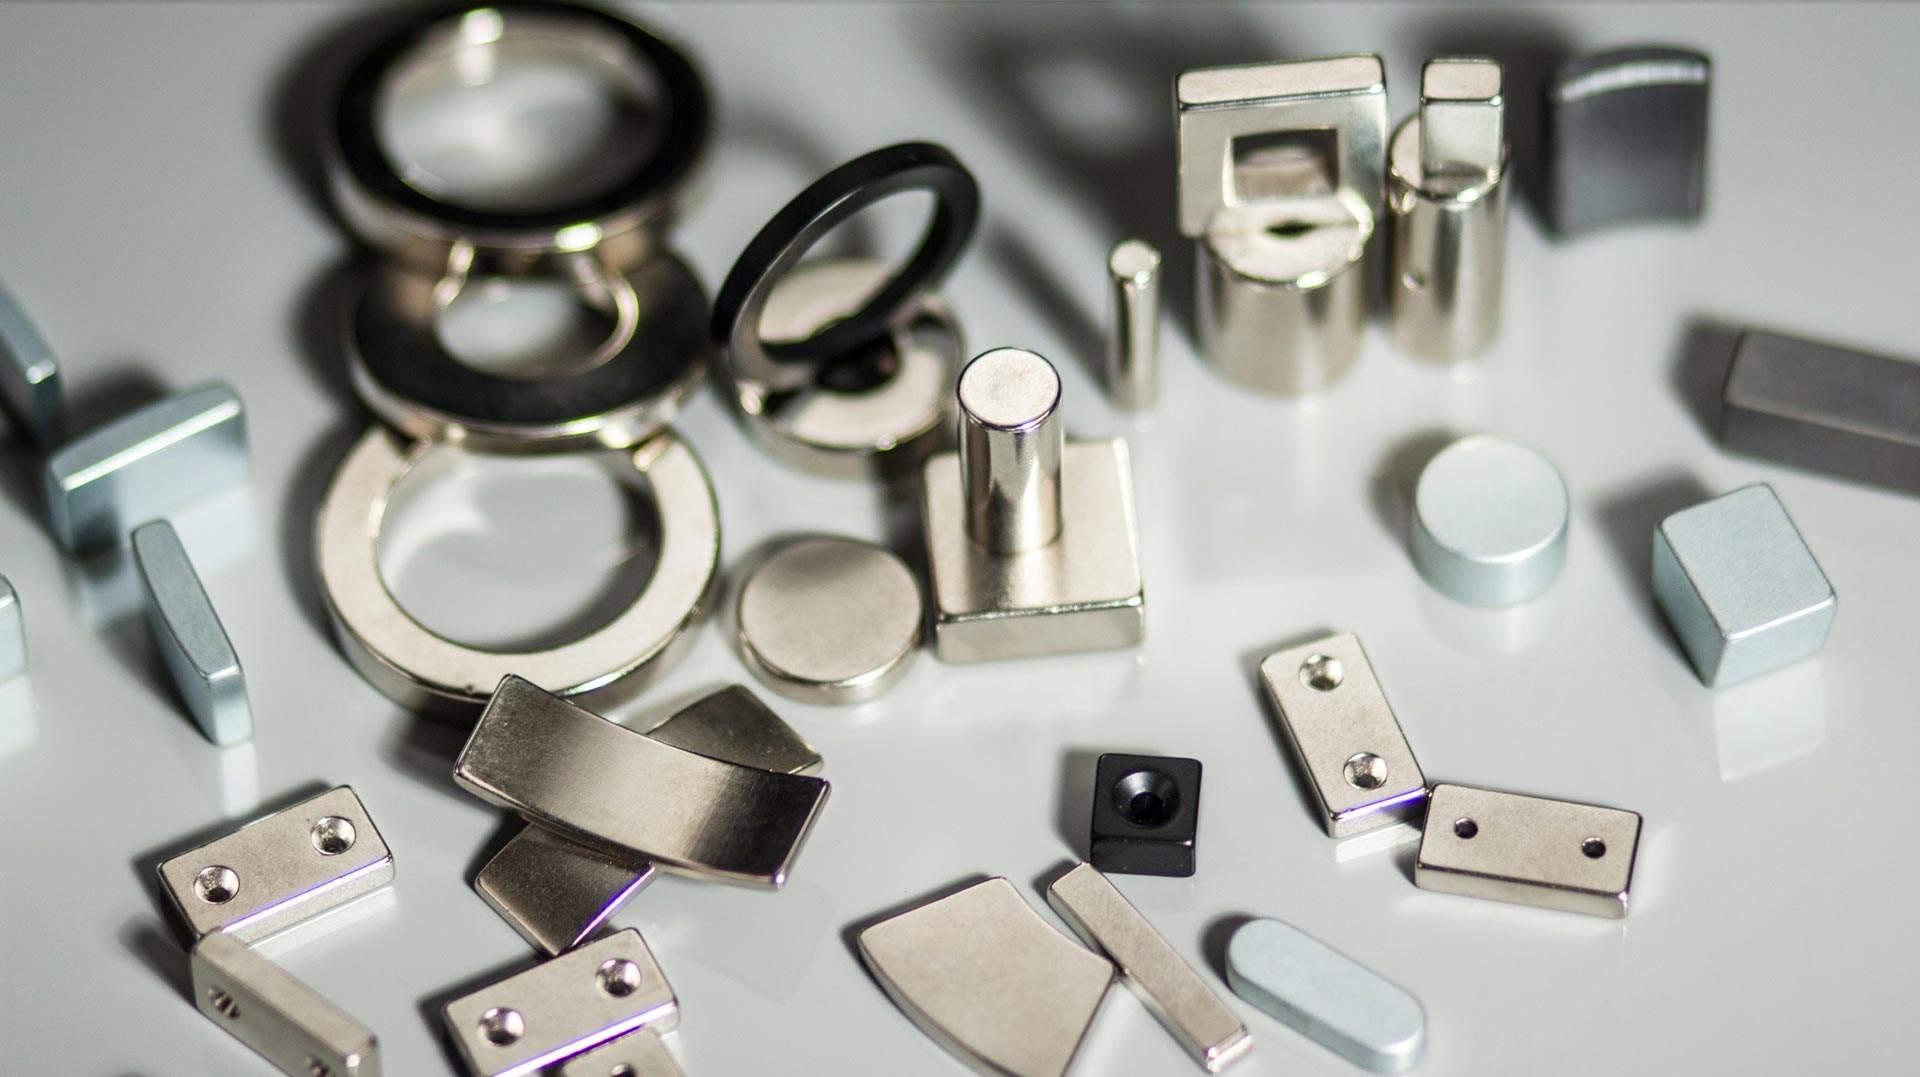 钕铁硼磁铁-买具有口碑的钕铁硼磁铁-就选金石磁业